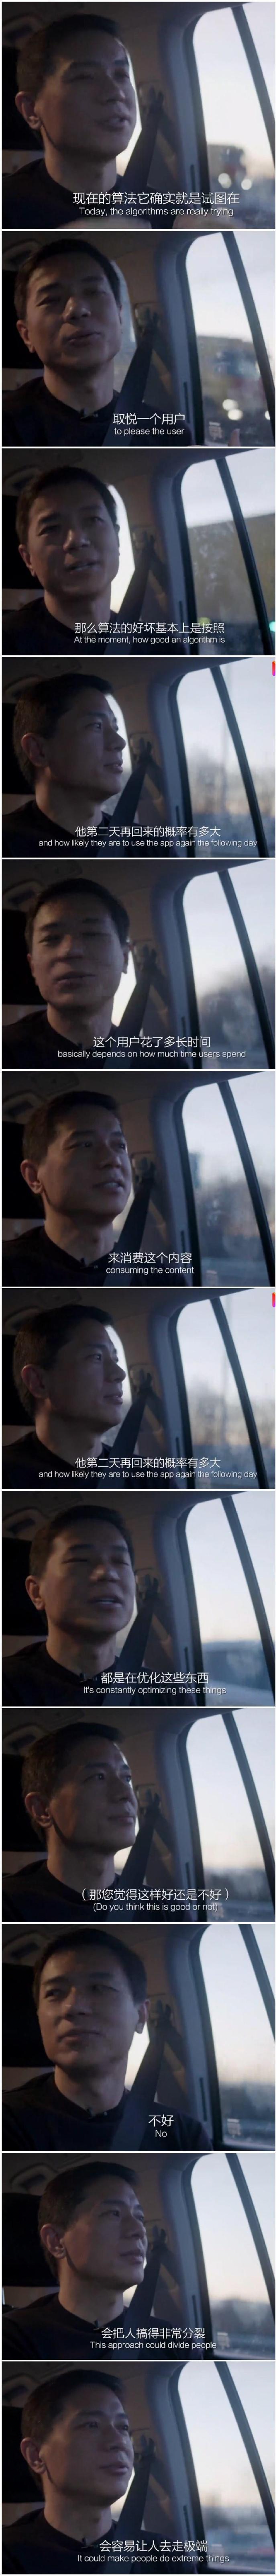 李彦宏,how dare you